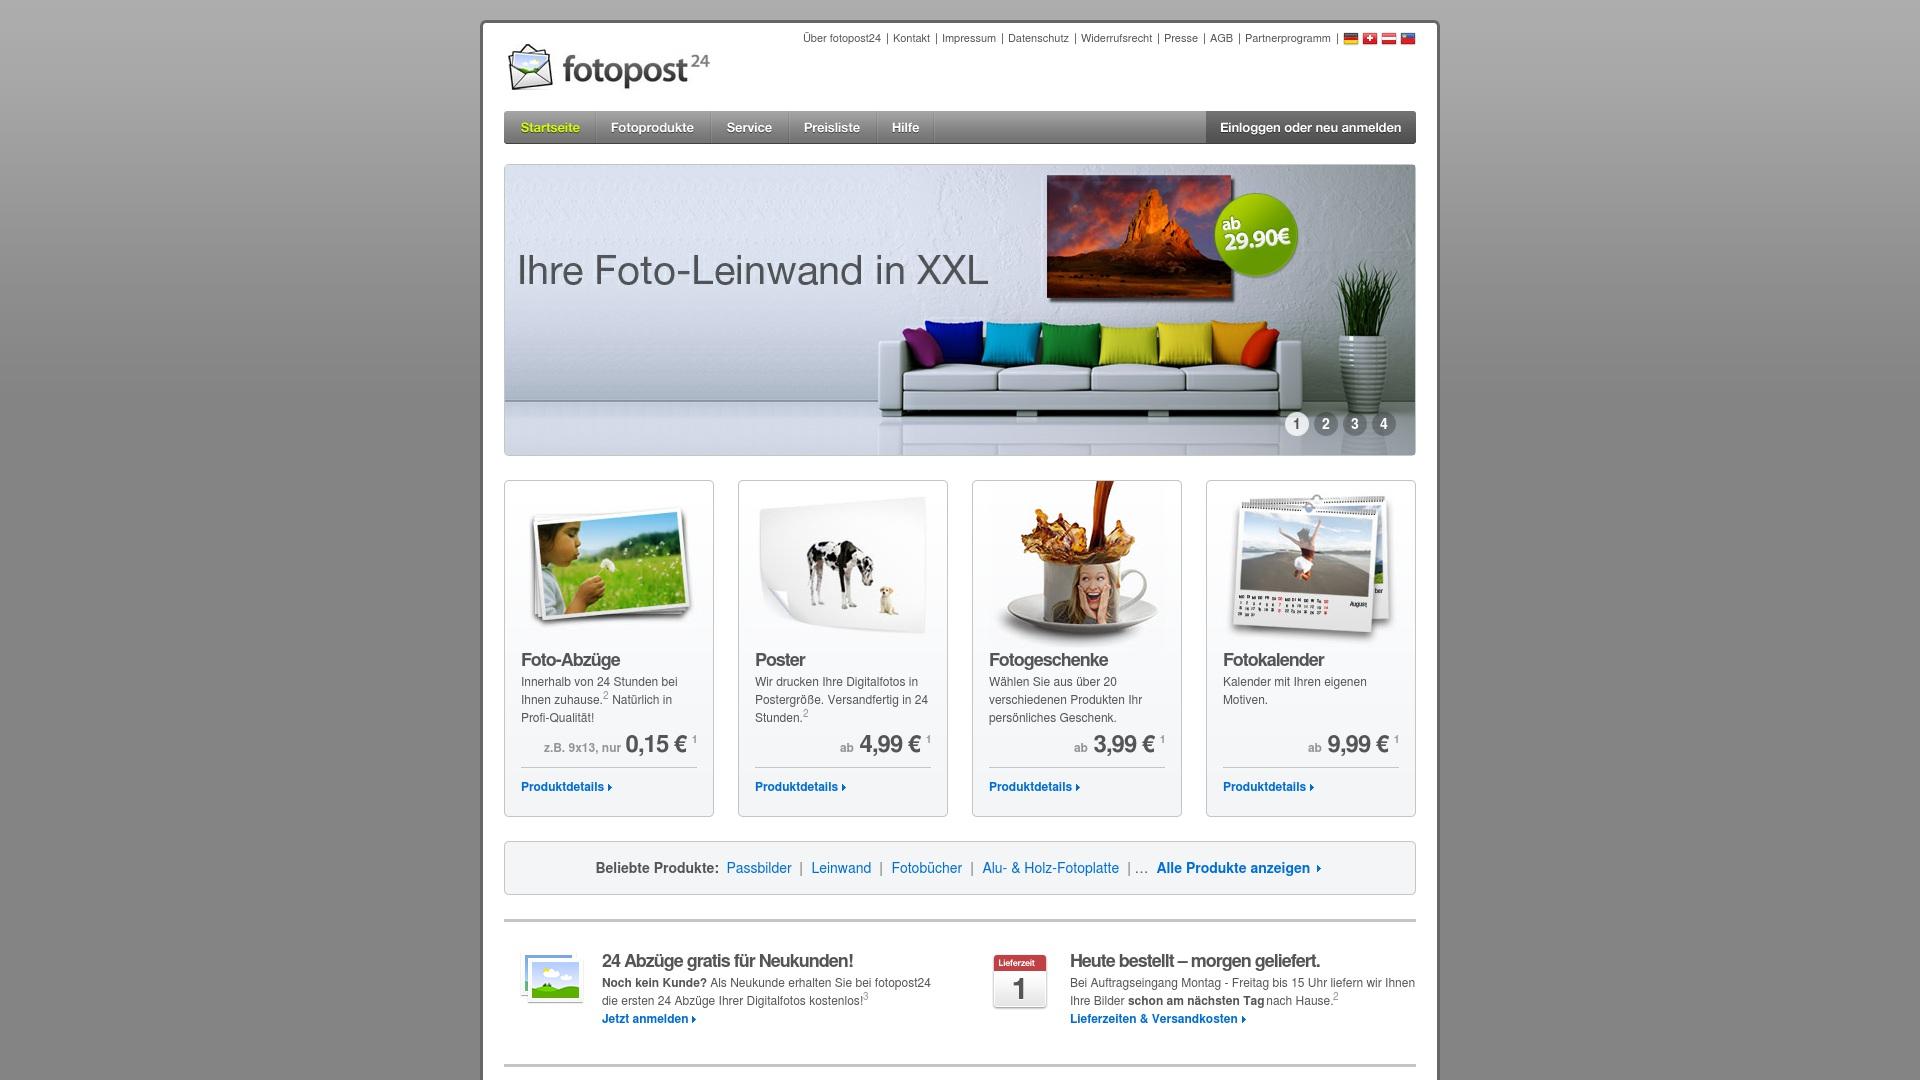 Gutschein für Fotopost24: Rabatte für  Fotopost24 sichern